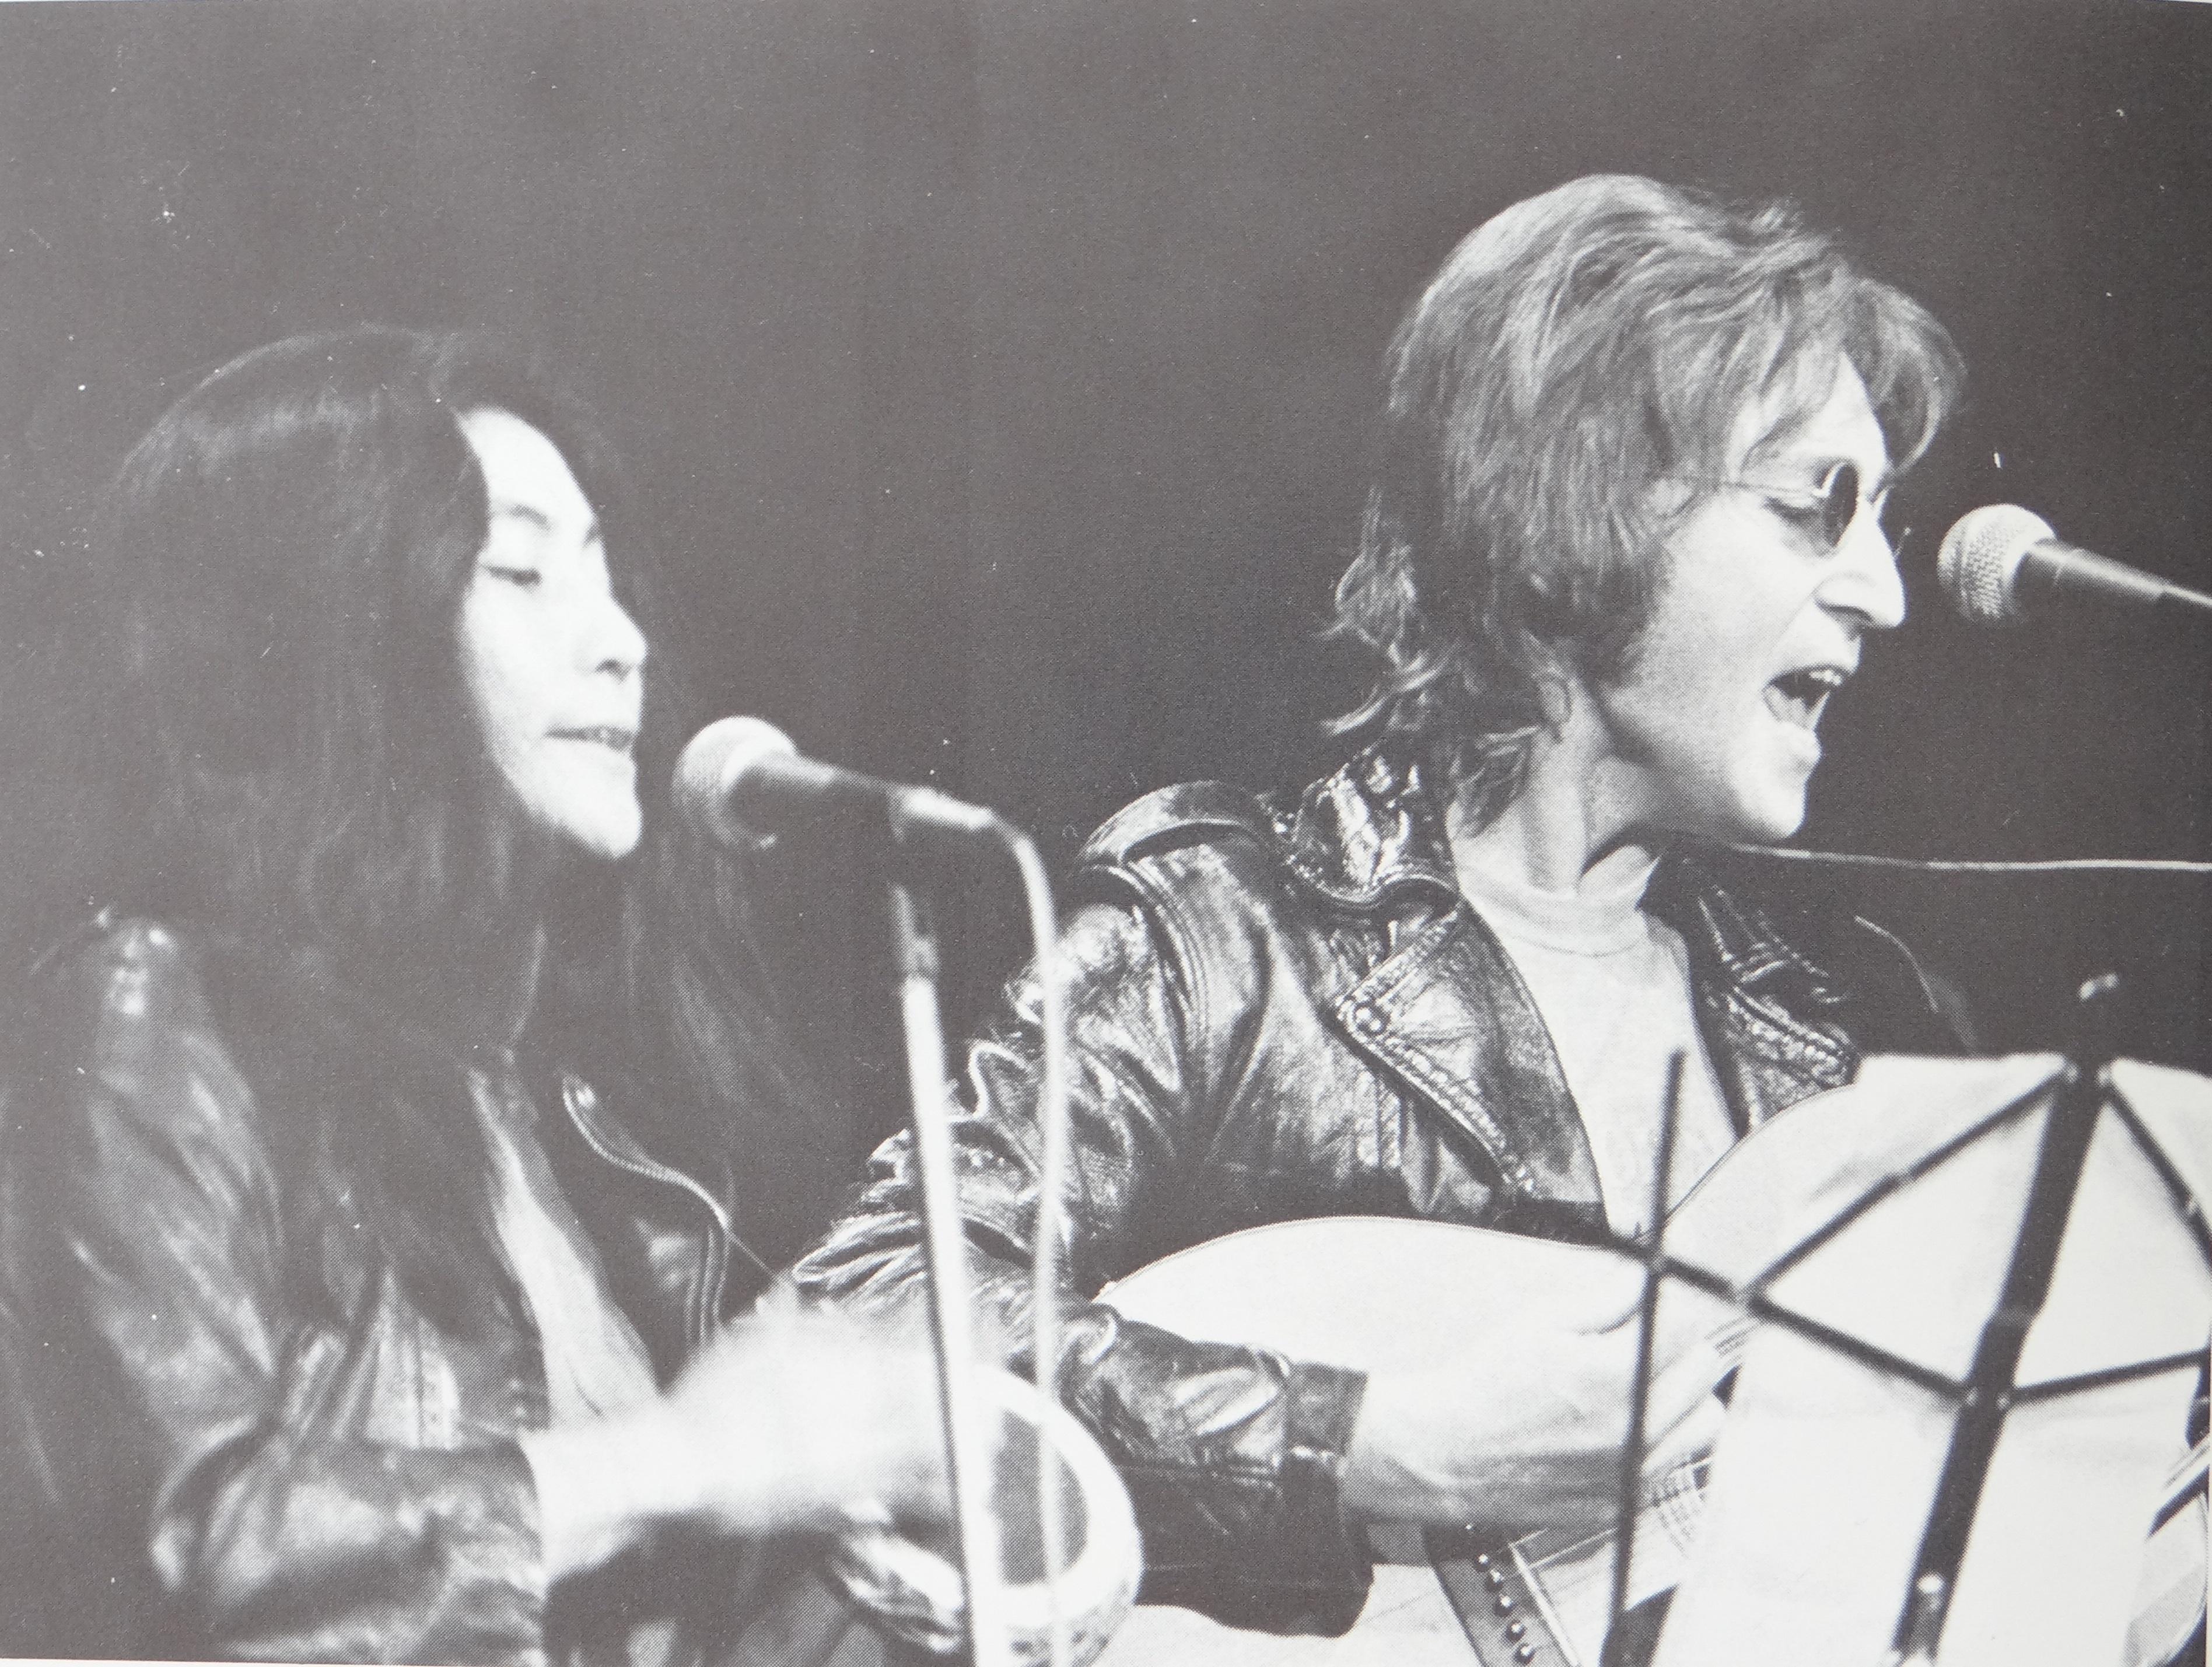 Yoko_Ono_and_John_Lennon_at_John_Sinclair_Freedom_Rally